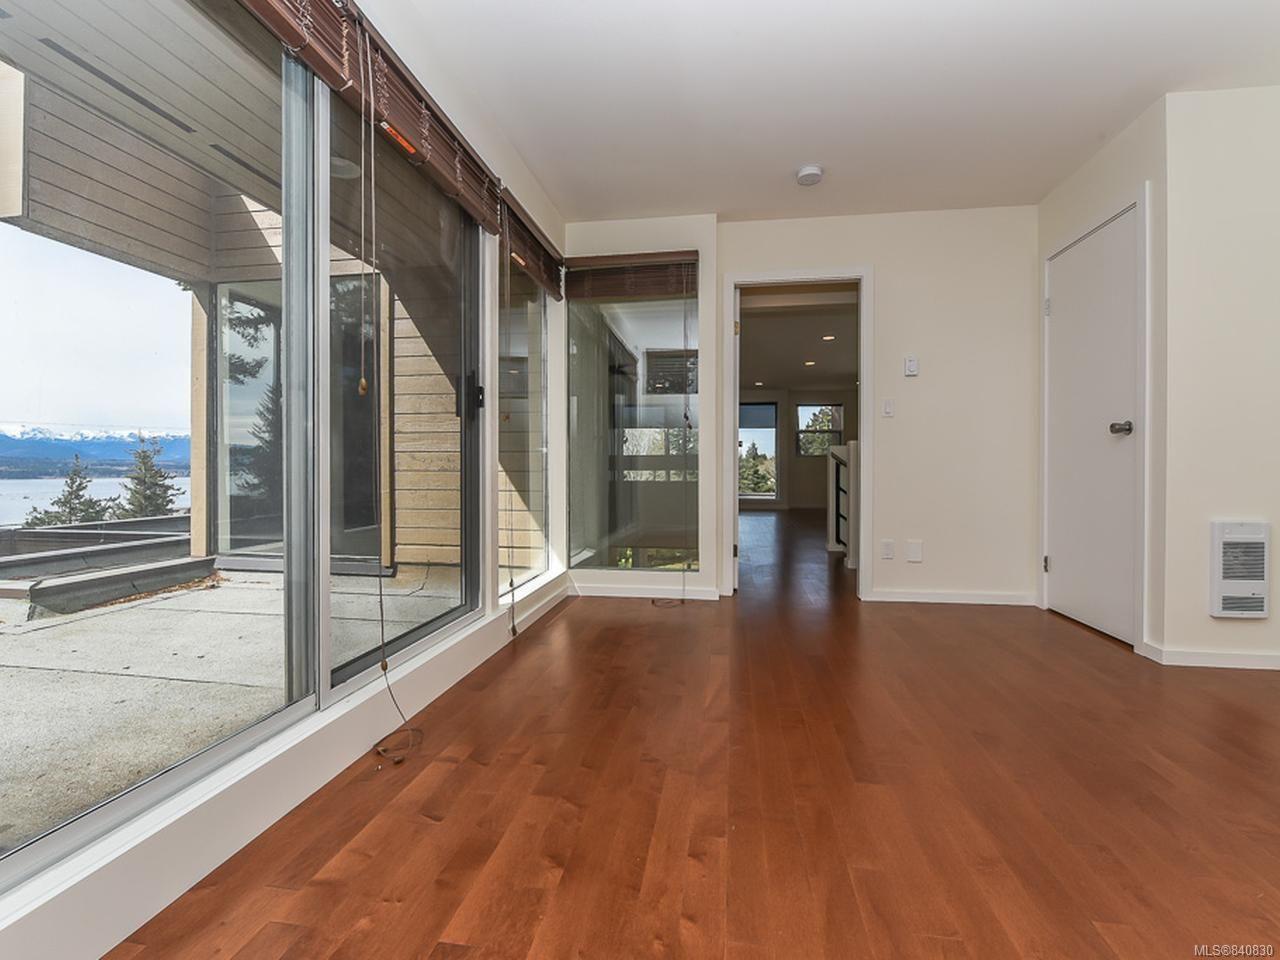 Photo 26: Photos: 1156 Moore Rd in COMOX: CV Comox Peninsula House for sale (Comox Valley)  : MLS®# 840830